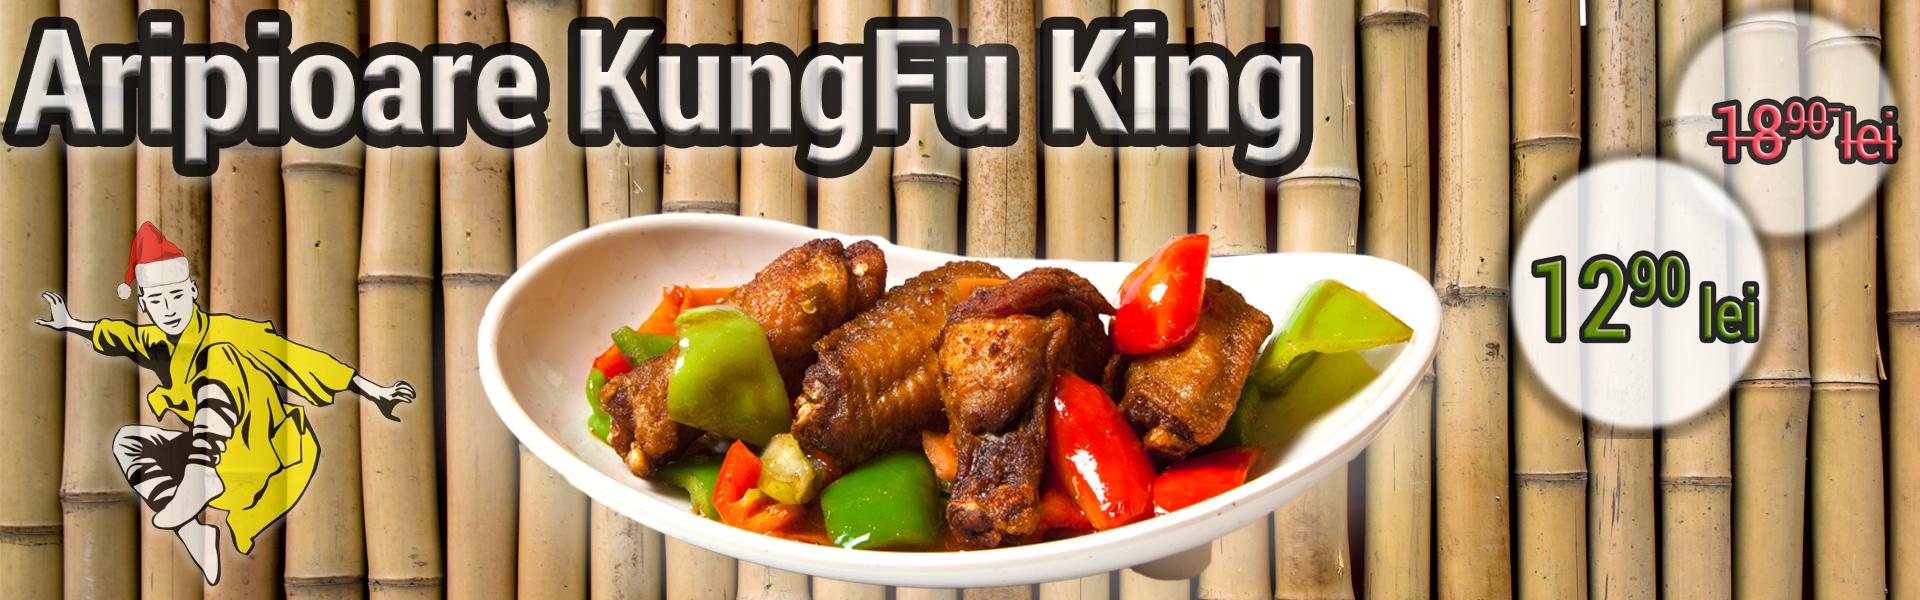 Aripioare KungFu King - Preparate de pui - restaurant chinezesc KungFu King - de la 18.90 lei la doar 12.90 lei. Alege traditia, savoarea si calitatea restaurantului chinezesc KungFu King din Bucuresti!Comanda mancare chinezeasca online pentru a putea beneficia de ofertele speciale si vei primi serviciul de livrare mancare chinezeasca in mod gratuit!